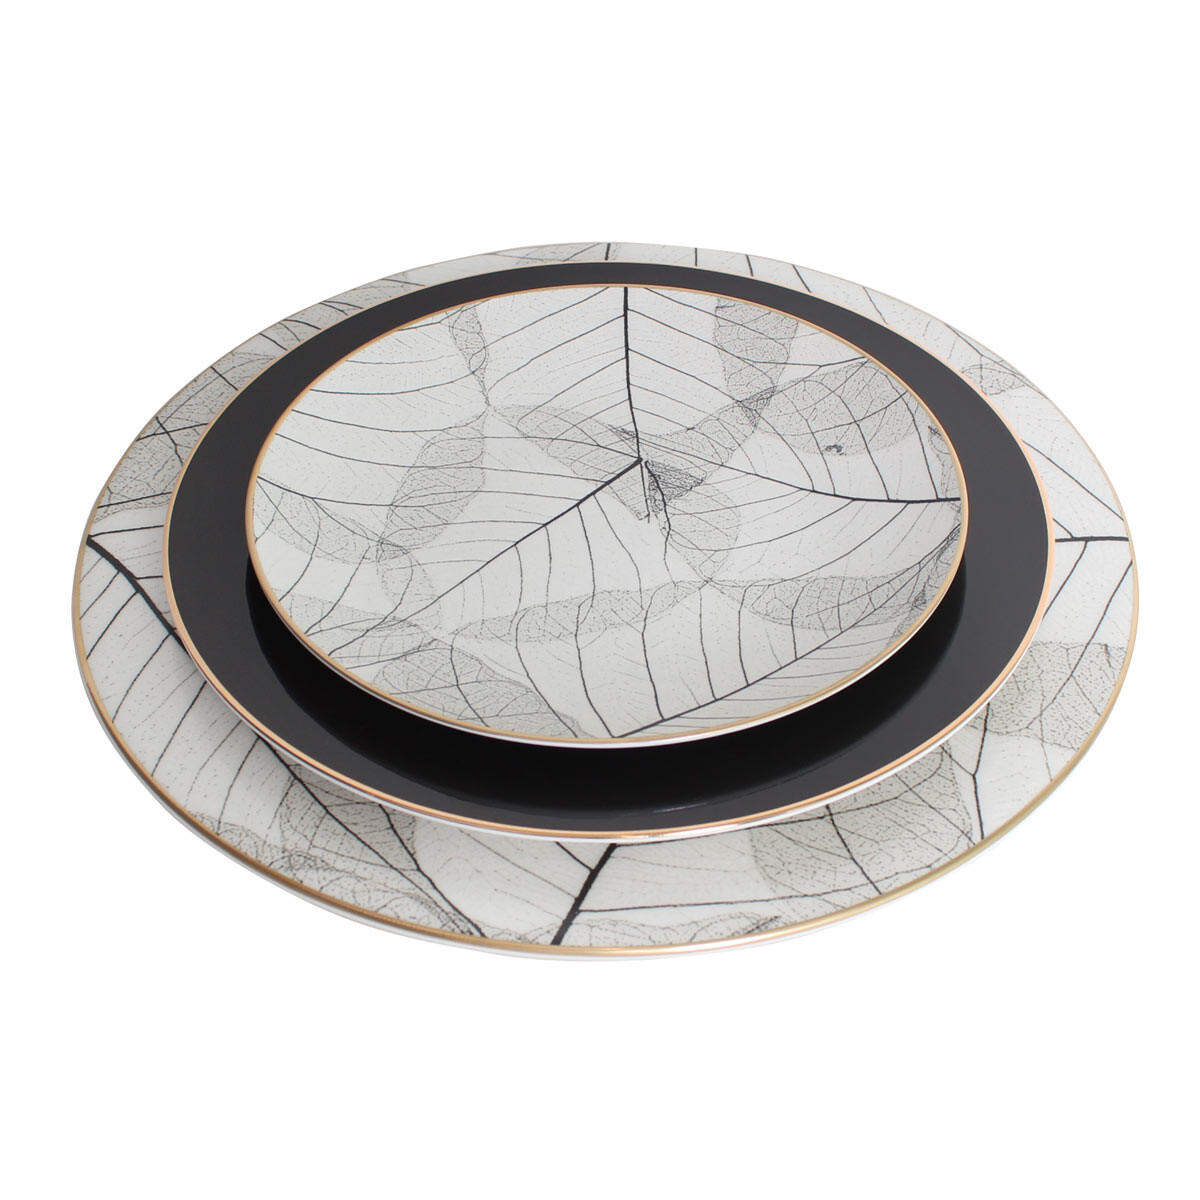 ディナープレート 3サイズセット テーブルウェア